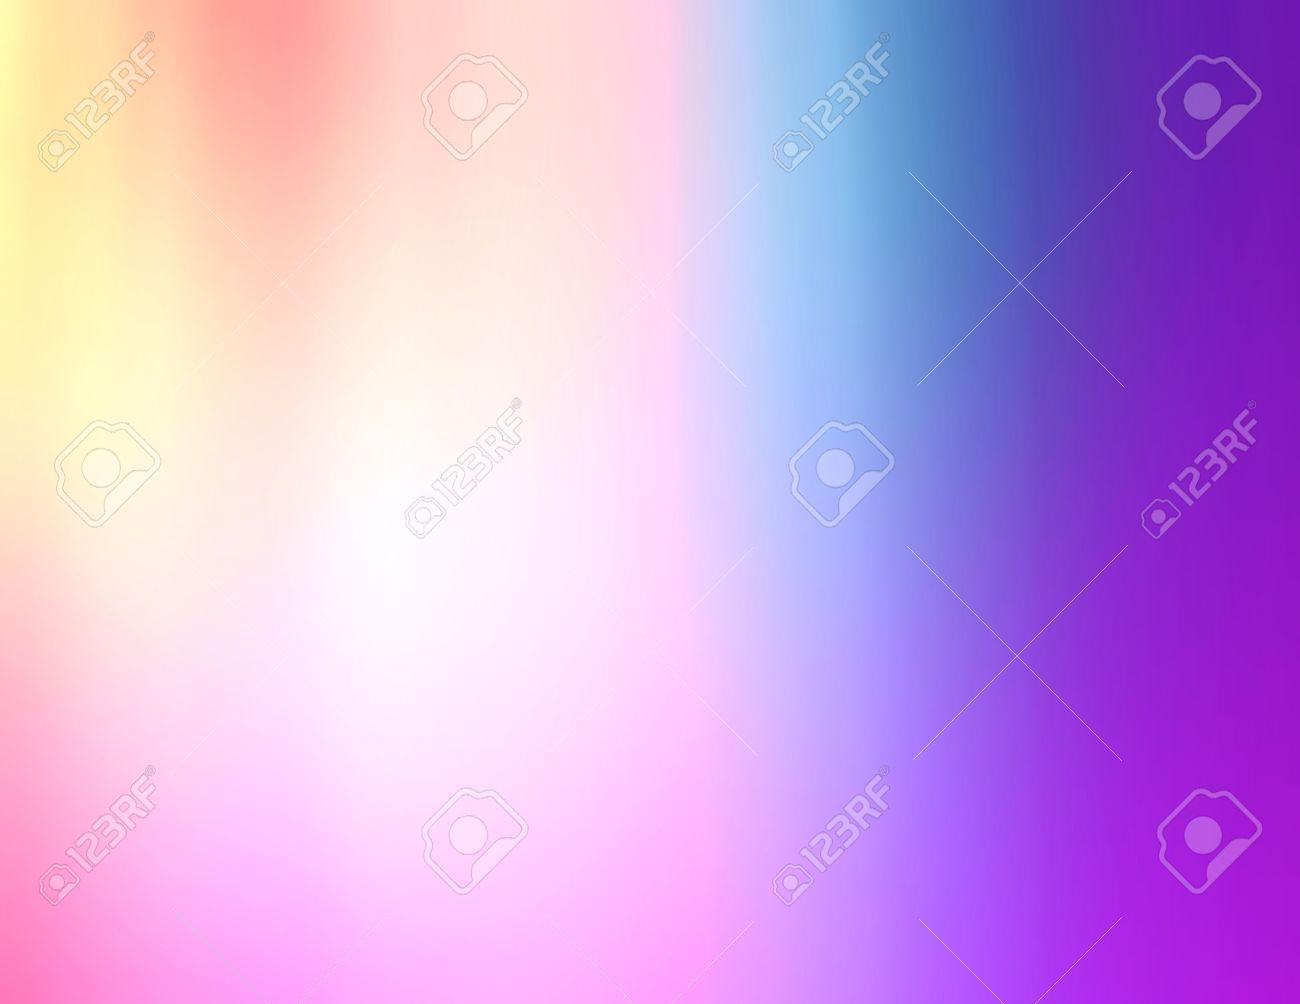 Dynamique De Fond De Degrade De Couleur De Floue Peche Rose Bleu